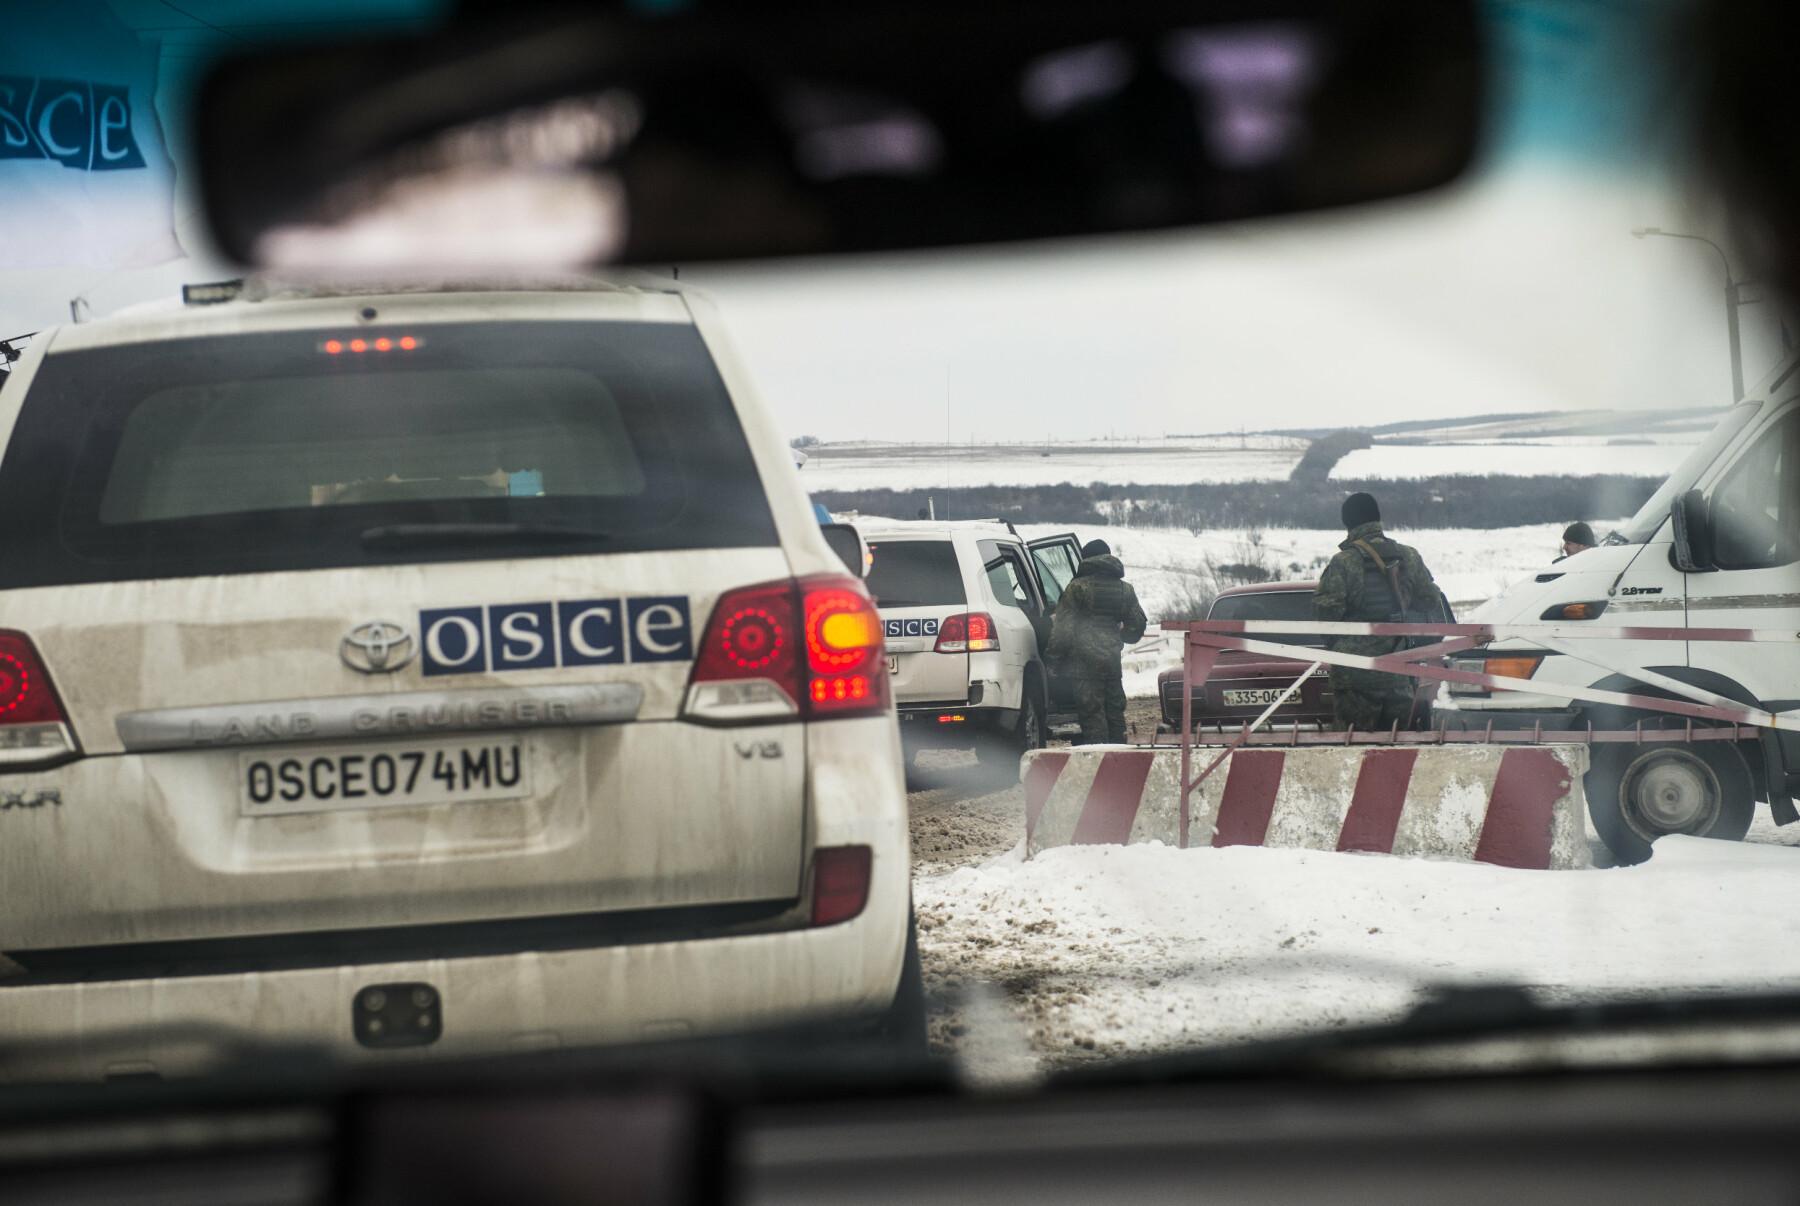 Observatører fra OSSE er på vei gjennom det siste sjekkpunktet på ukrainsk-kontrollert side. Neste punkt tilhører opprørssoldatene. Østfronten. En norsk generalløytnant (Arne Bård Dalhaug) passer på våpenhvilen i Øst-Ukraina. Den brytes hver dag. Organisasjonen for sikkerhet og samarbeid i Europa (OSSE) har 700 observatører i Øst-Ukraina – på begge sider av frontlinja. 20 er norske.